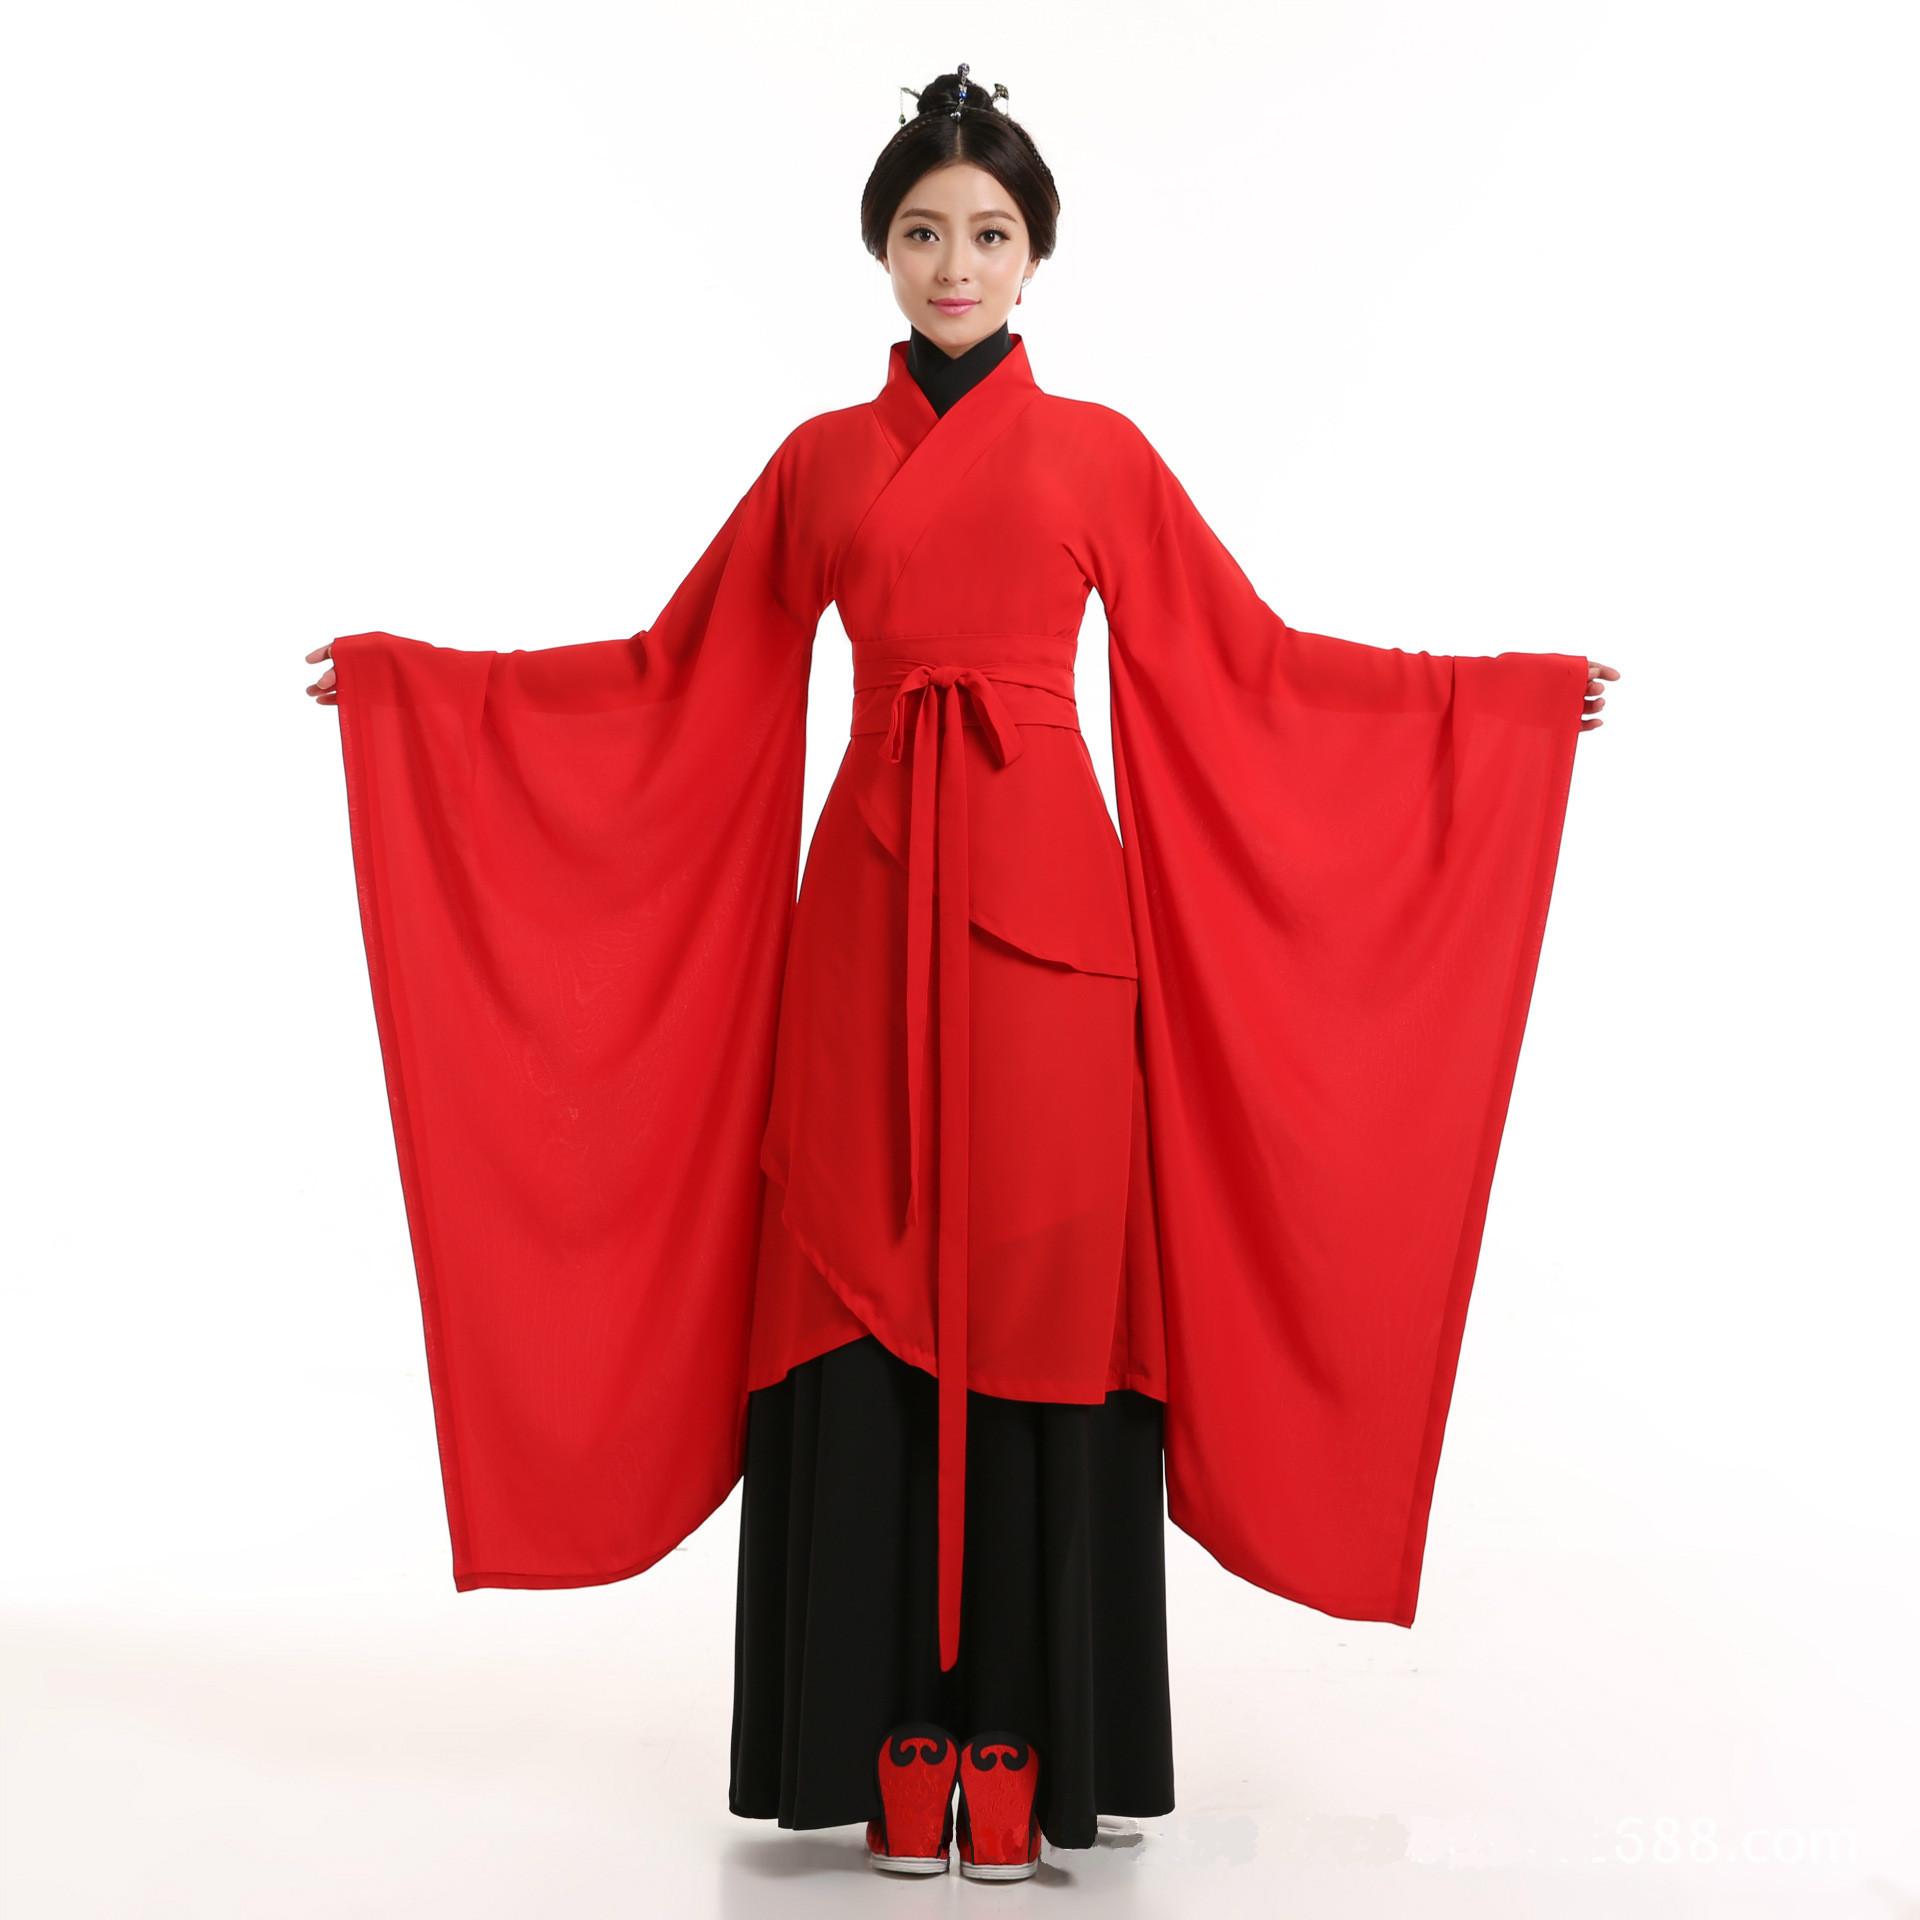 汉服女古装表演服礼仪之邦舞台曲裾修身绳系腰带长裙广袖流仙裙红